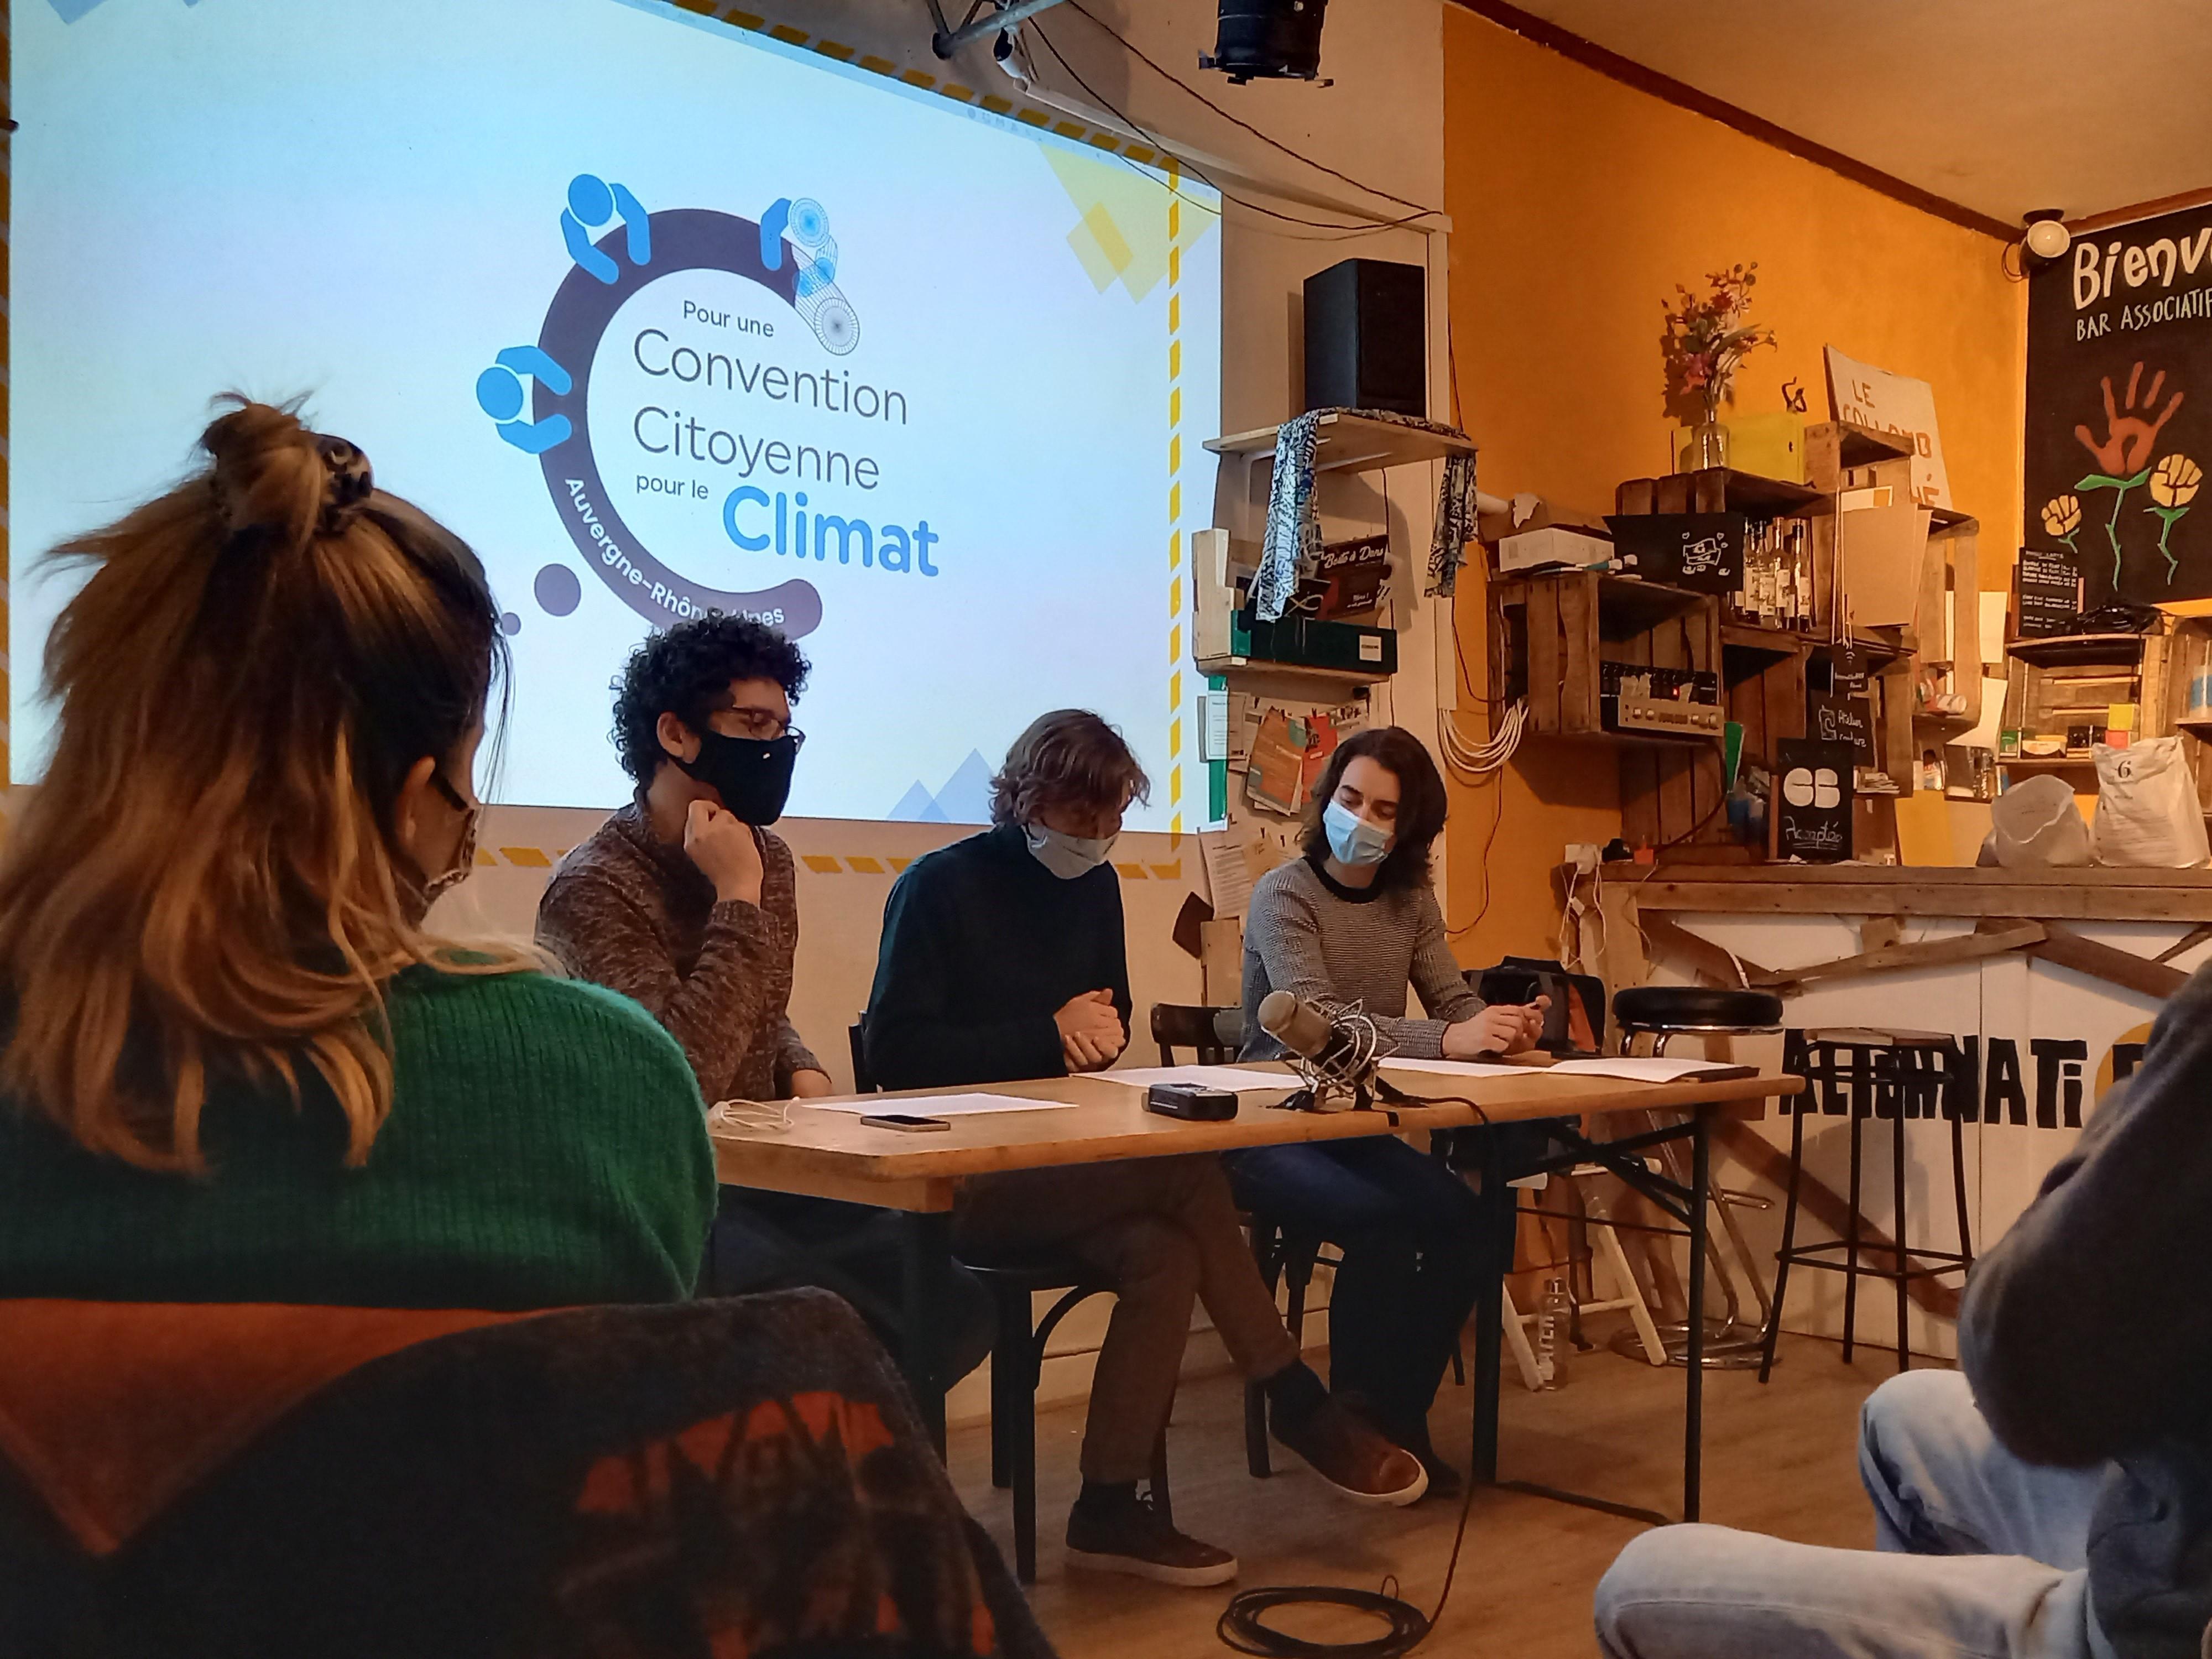 Une convention citoyenne pour le climat en Auvergne Rhône-Alpes